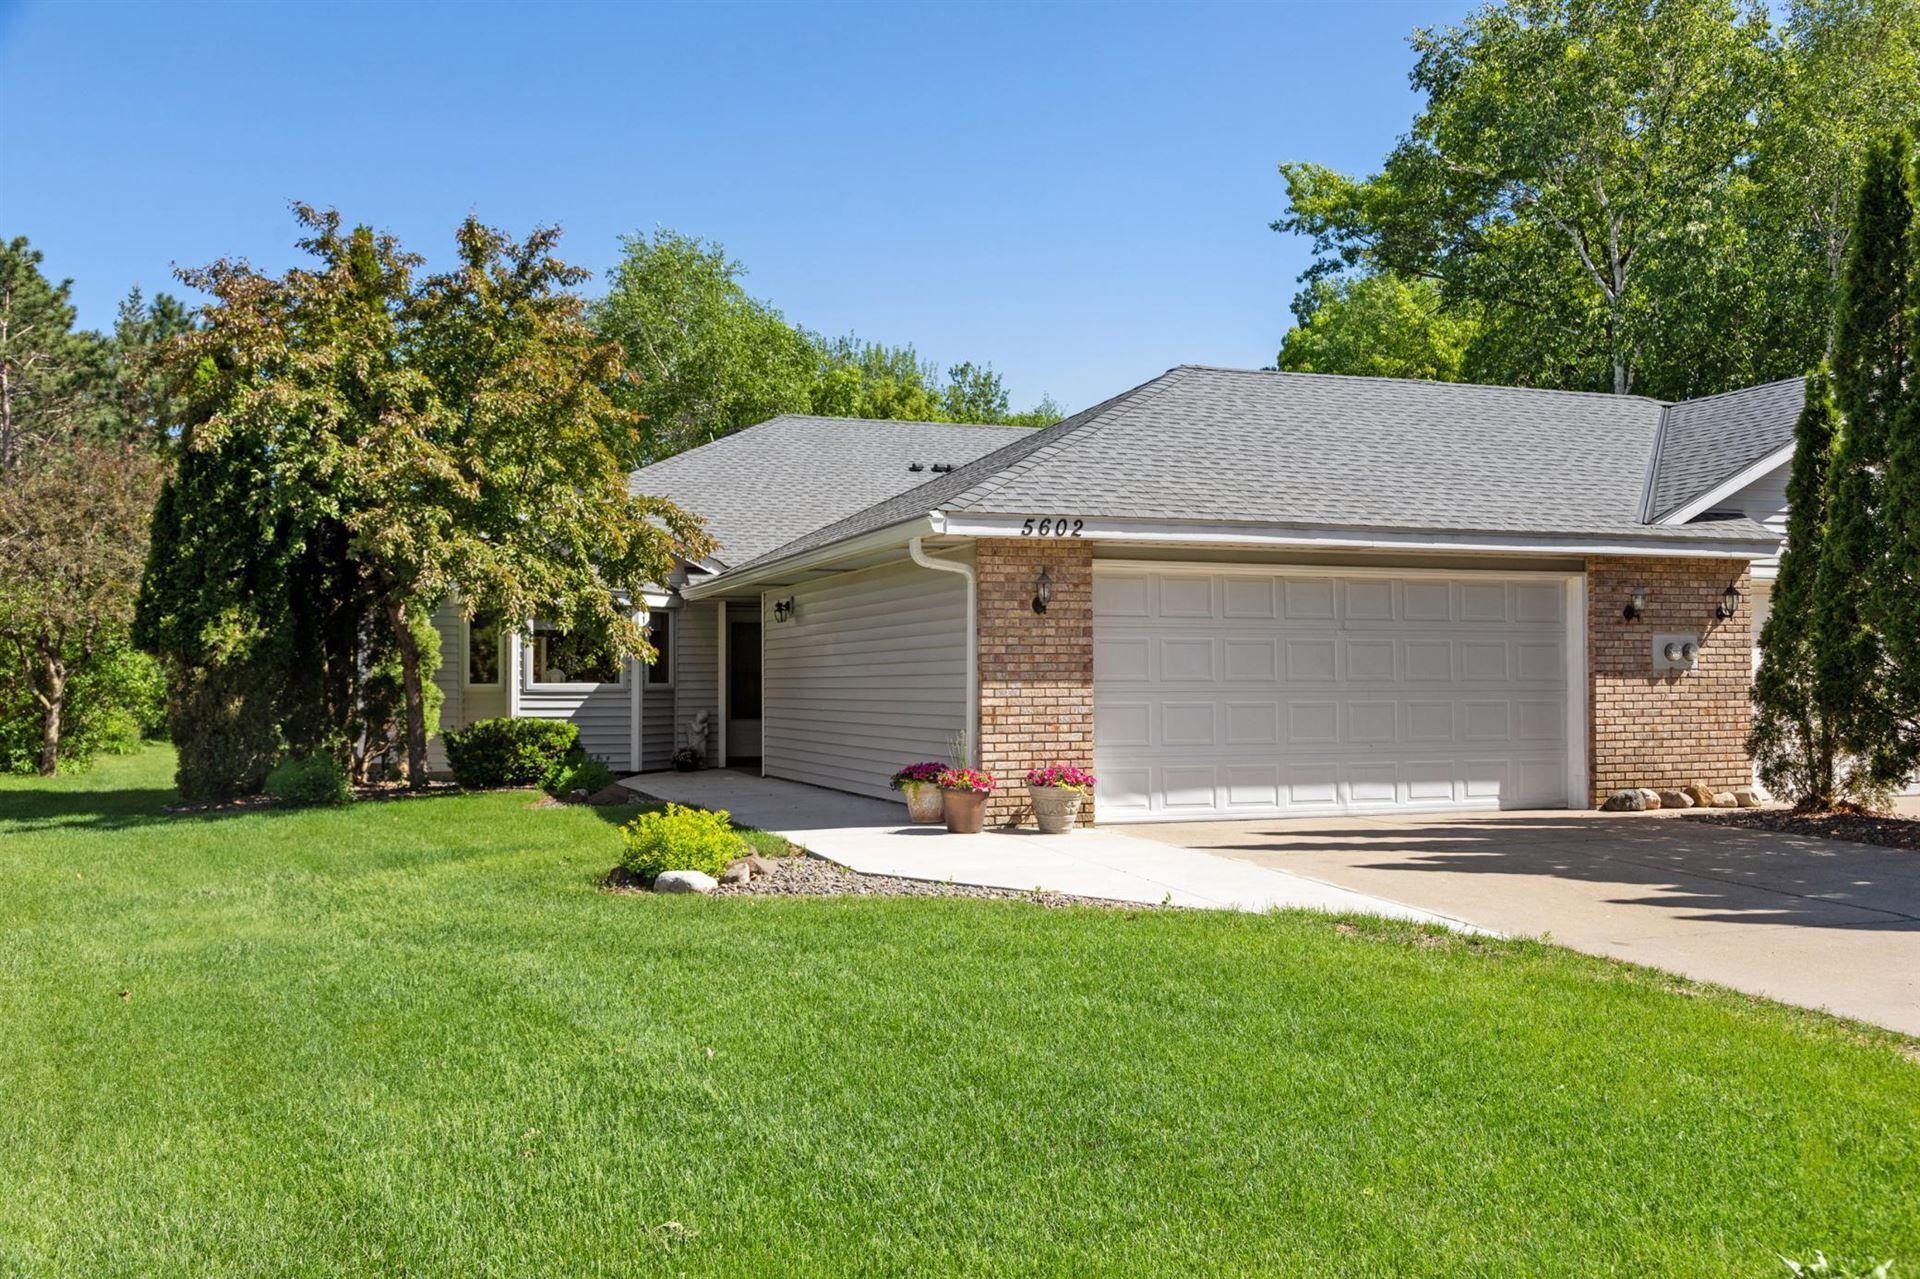 5602 Royal Oaks Drive, Shoreview, MN 55126 - MLS#: 5746427